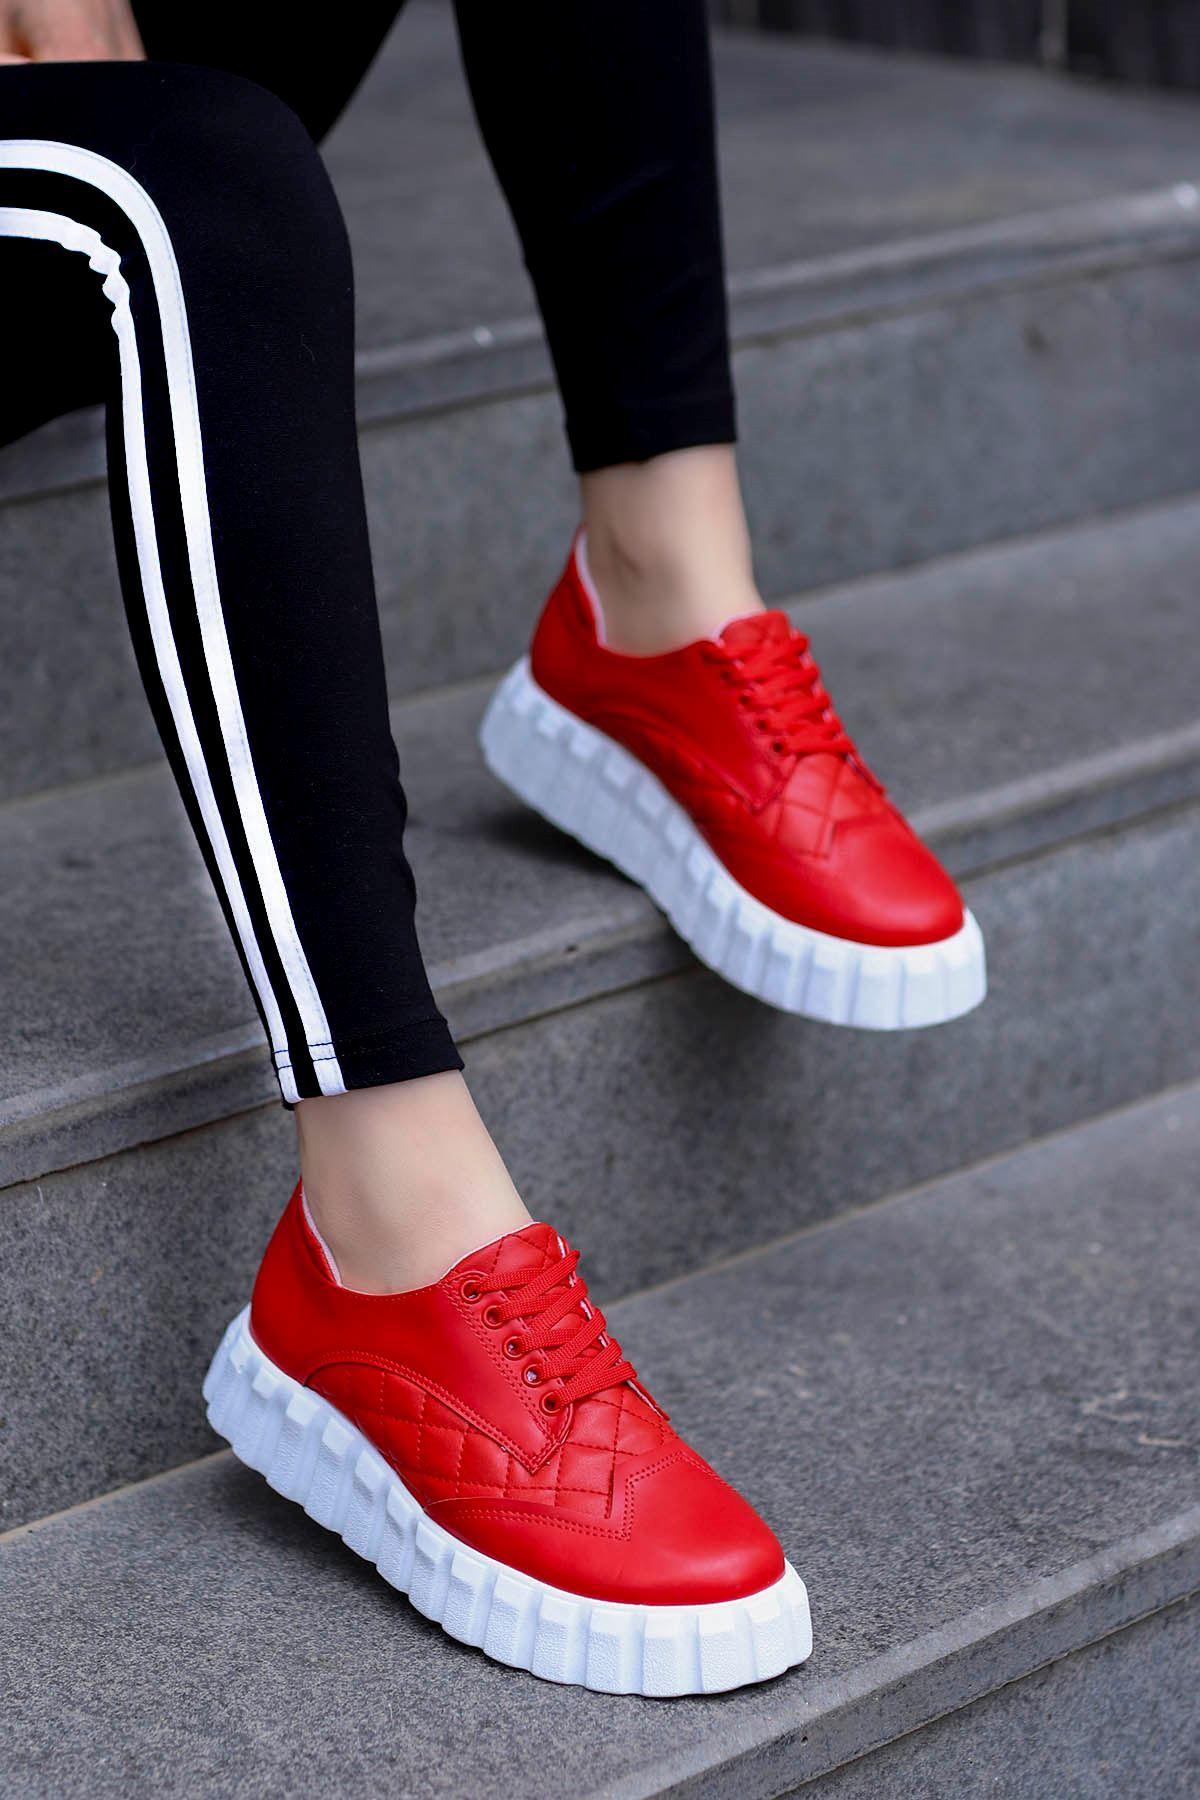 Zeta Tabanlı Spor Ayakkabı Kırmızı Deri